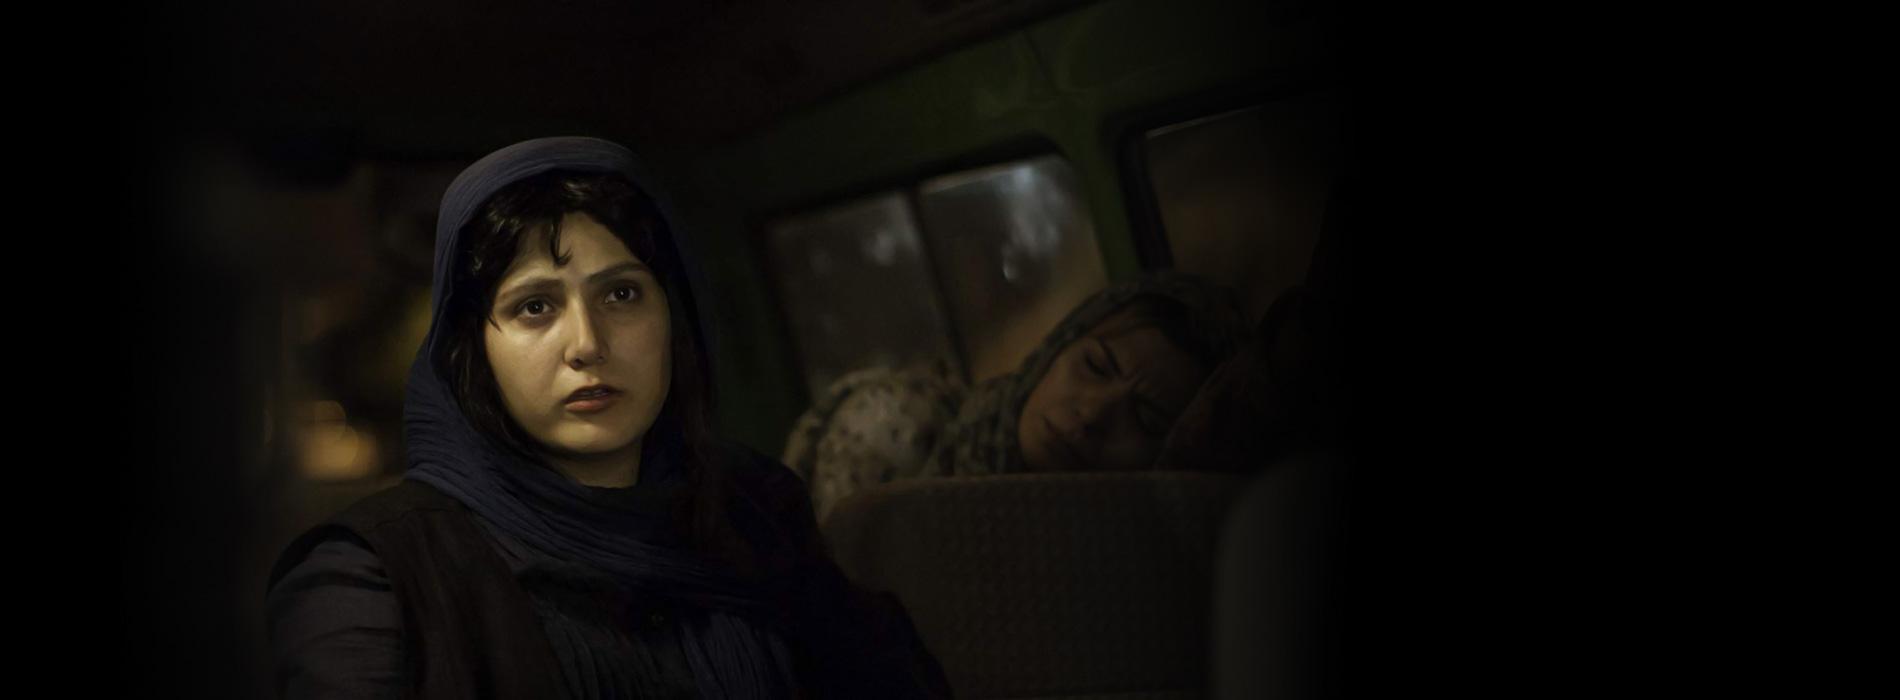 Una mujer iraní se ve preocupada al interior de un autobús.